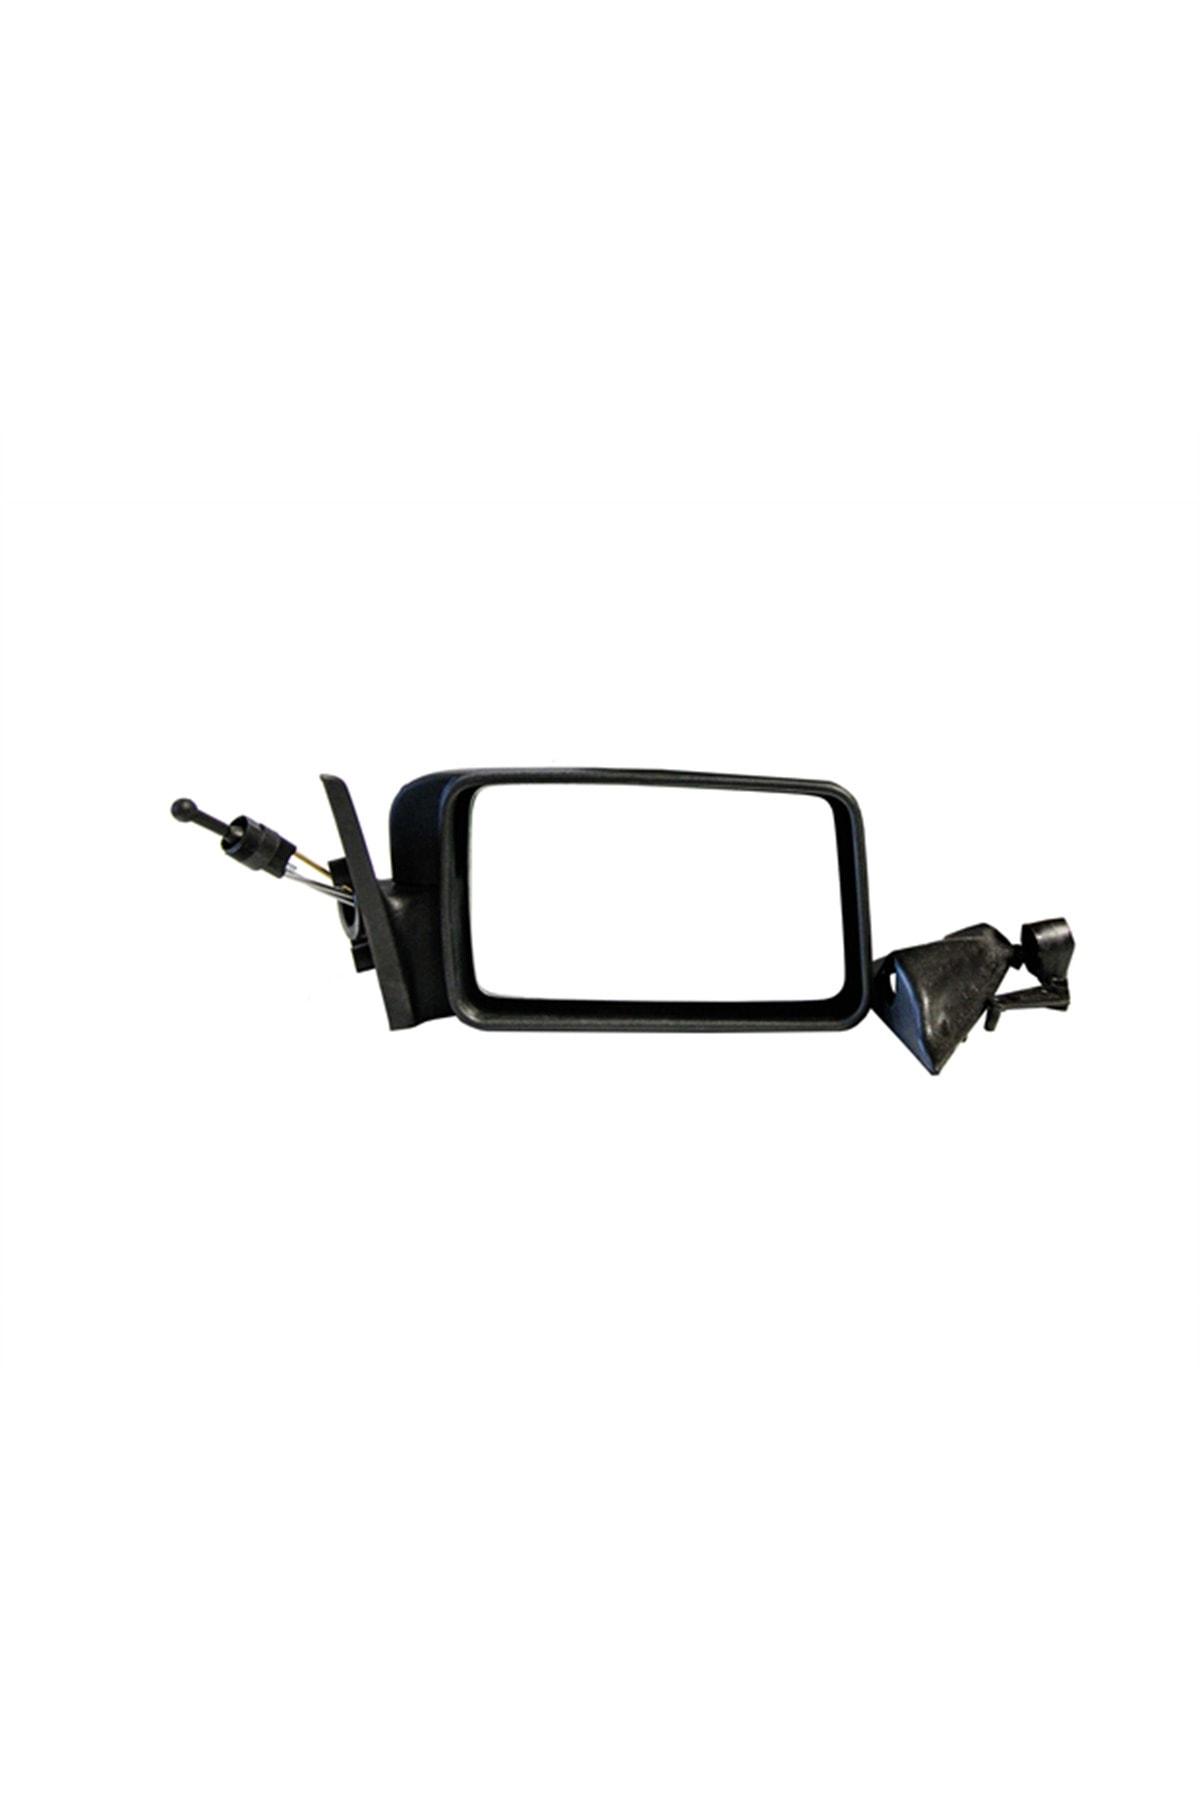 OEM Renault 9-r9 Eski Model Sağ Dış Dikiz Aynası 1